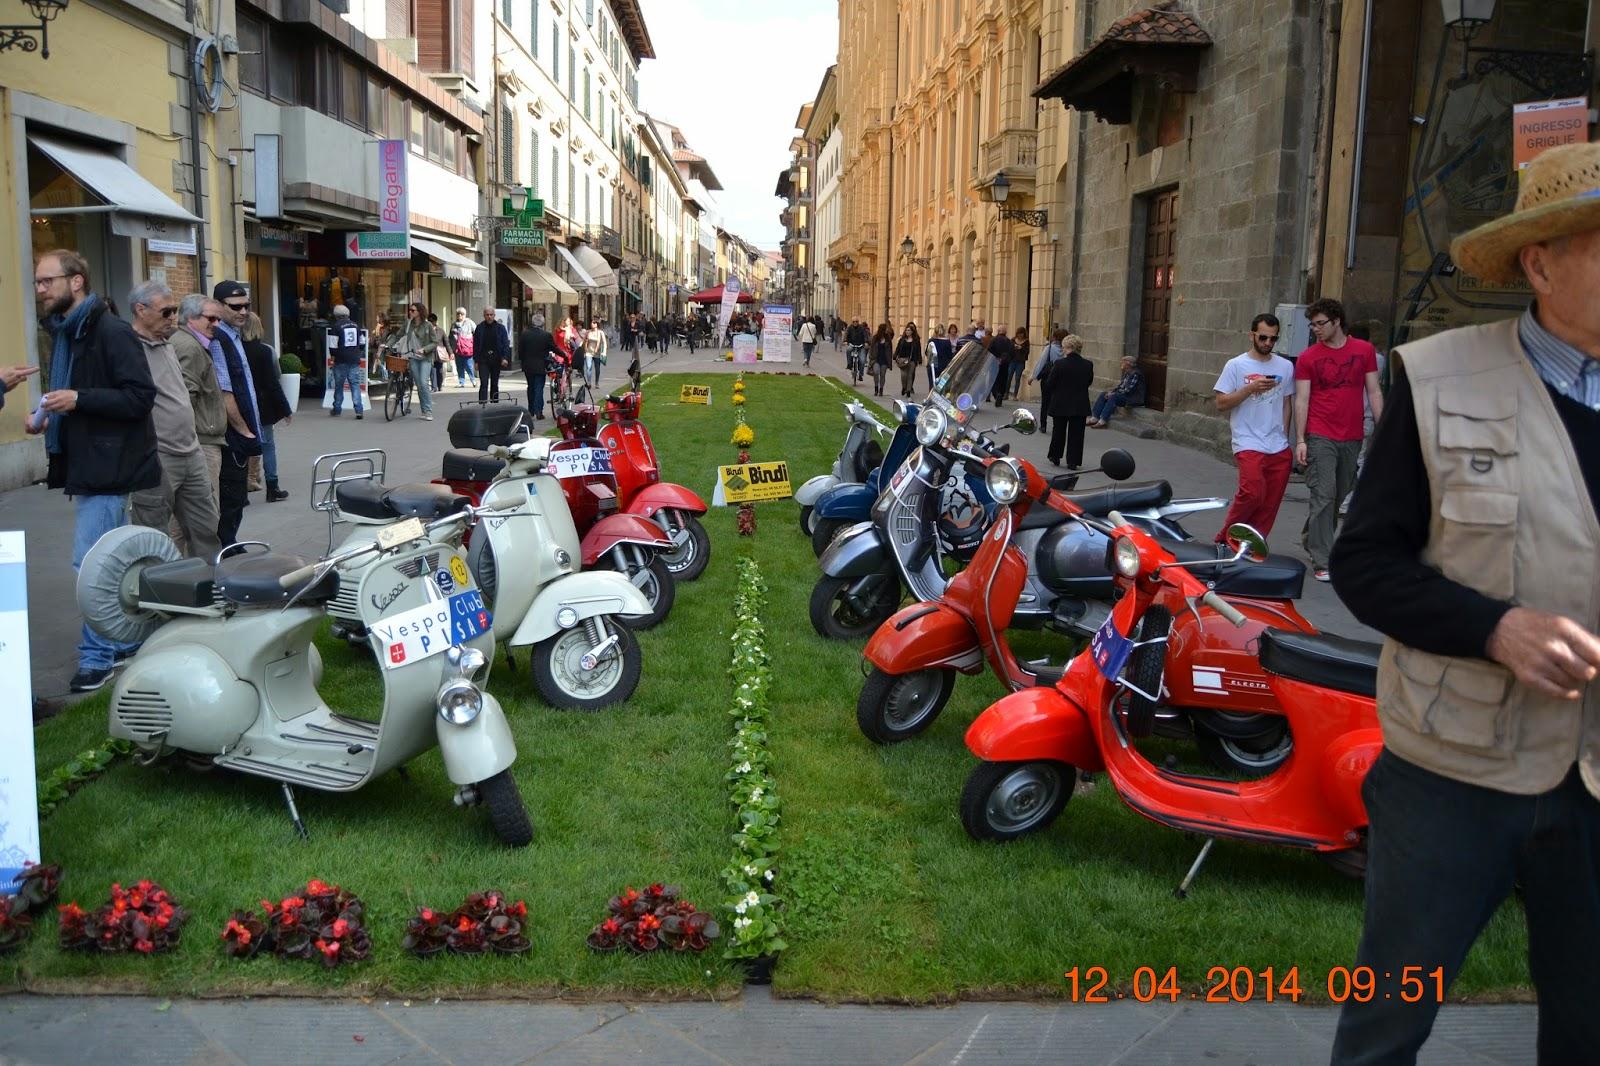 Colourful Vespa at a square in Pisa